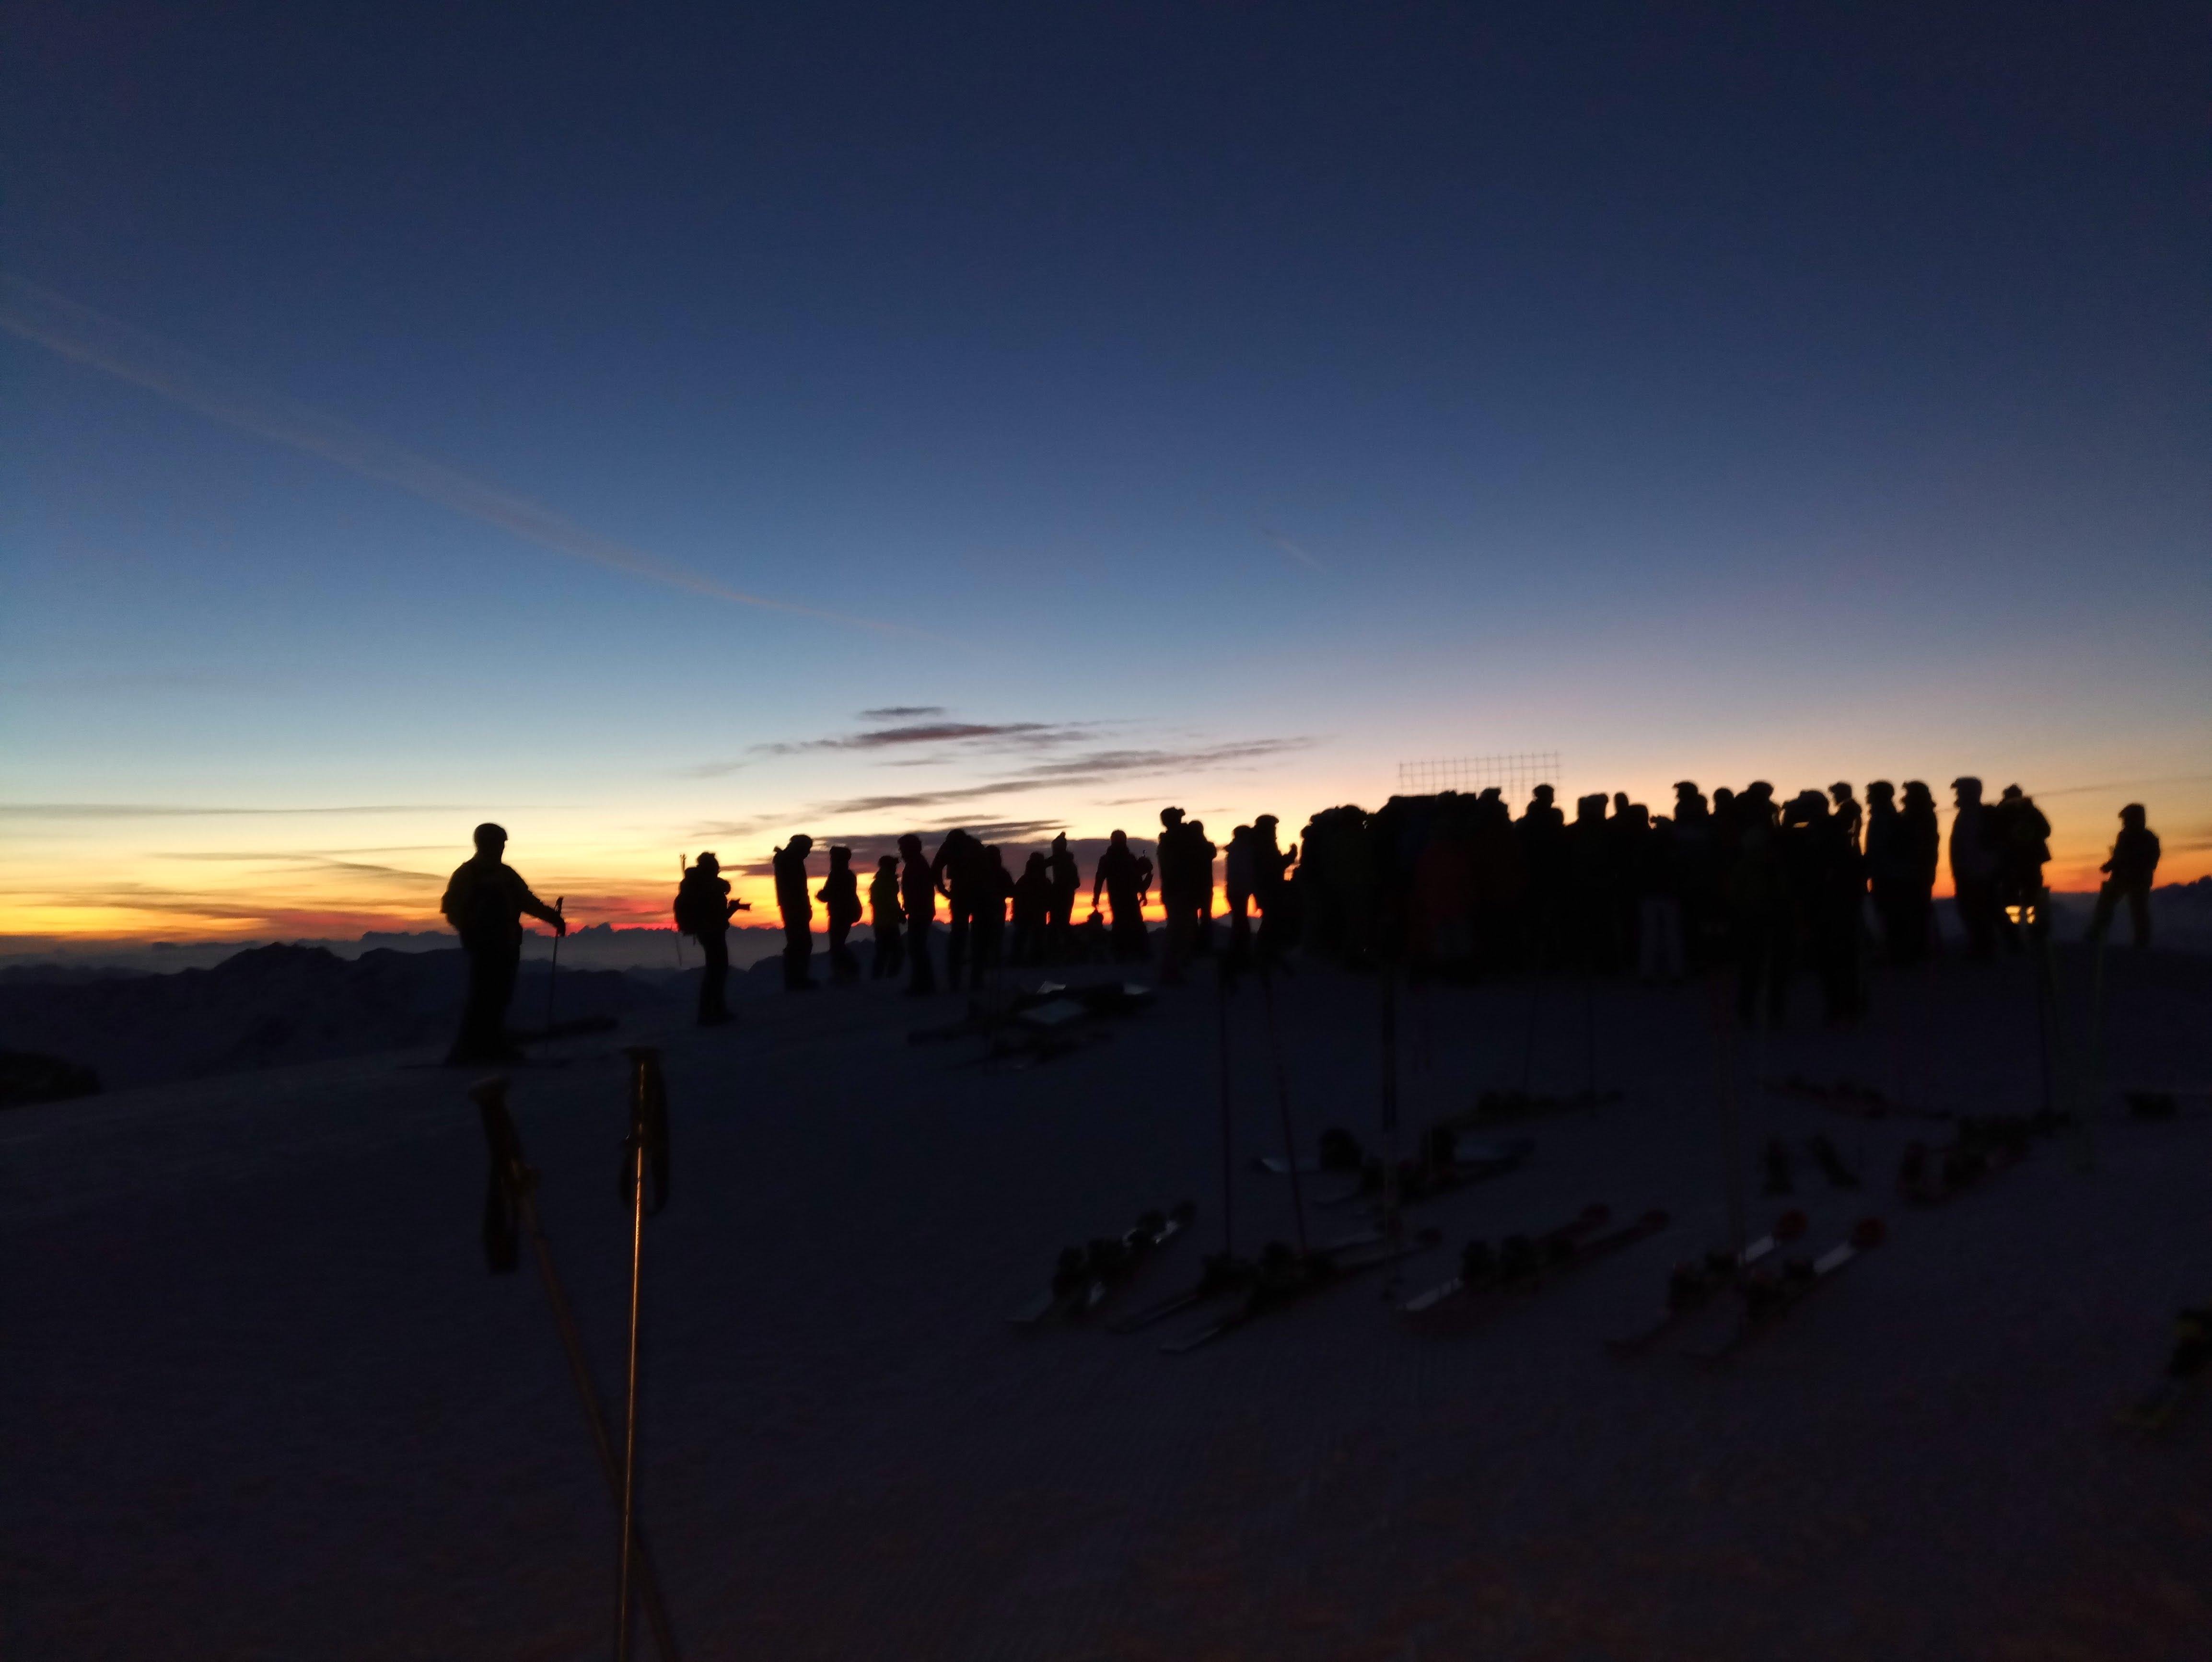 Trentino: sugli sci ad attendere l aurora sulle Alpi